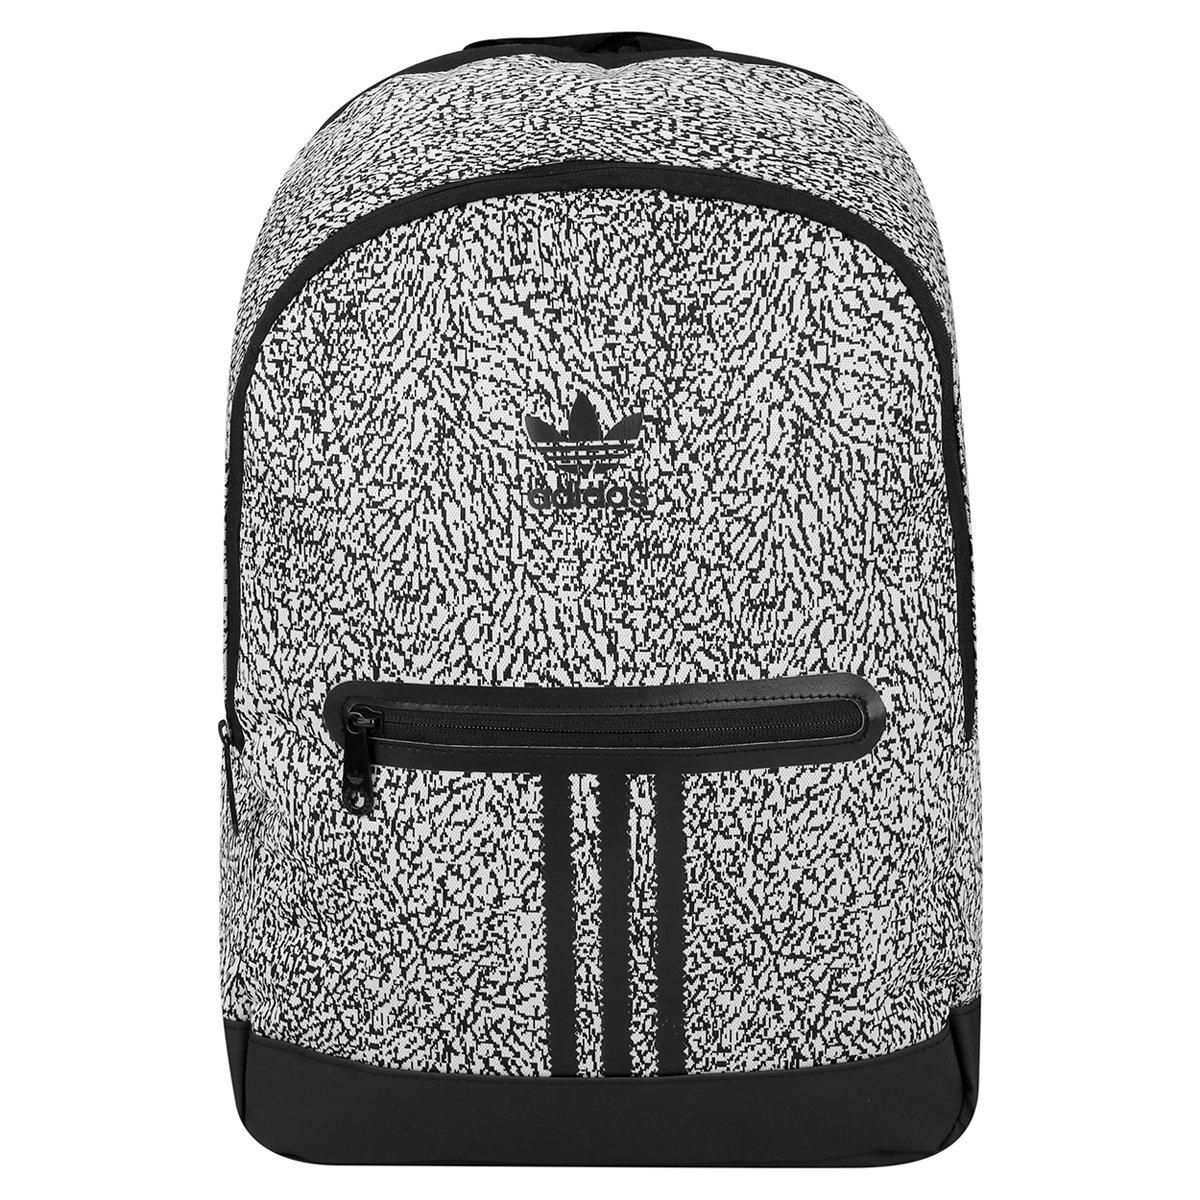 Adidas Essential Graphic Mochila Preto E Originals Knit Branco VpMSUzGq